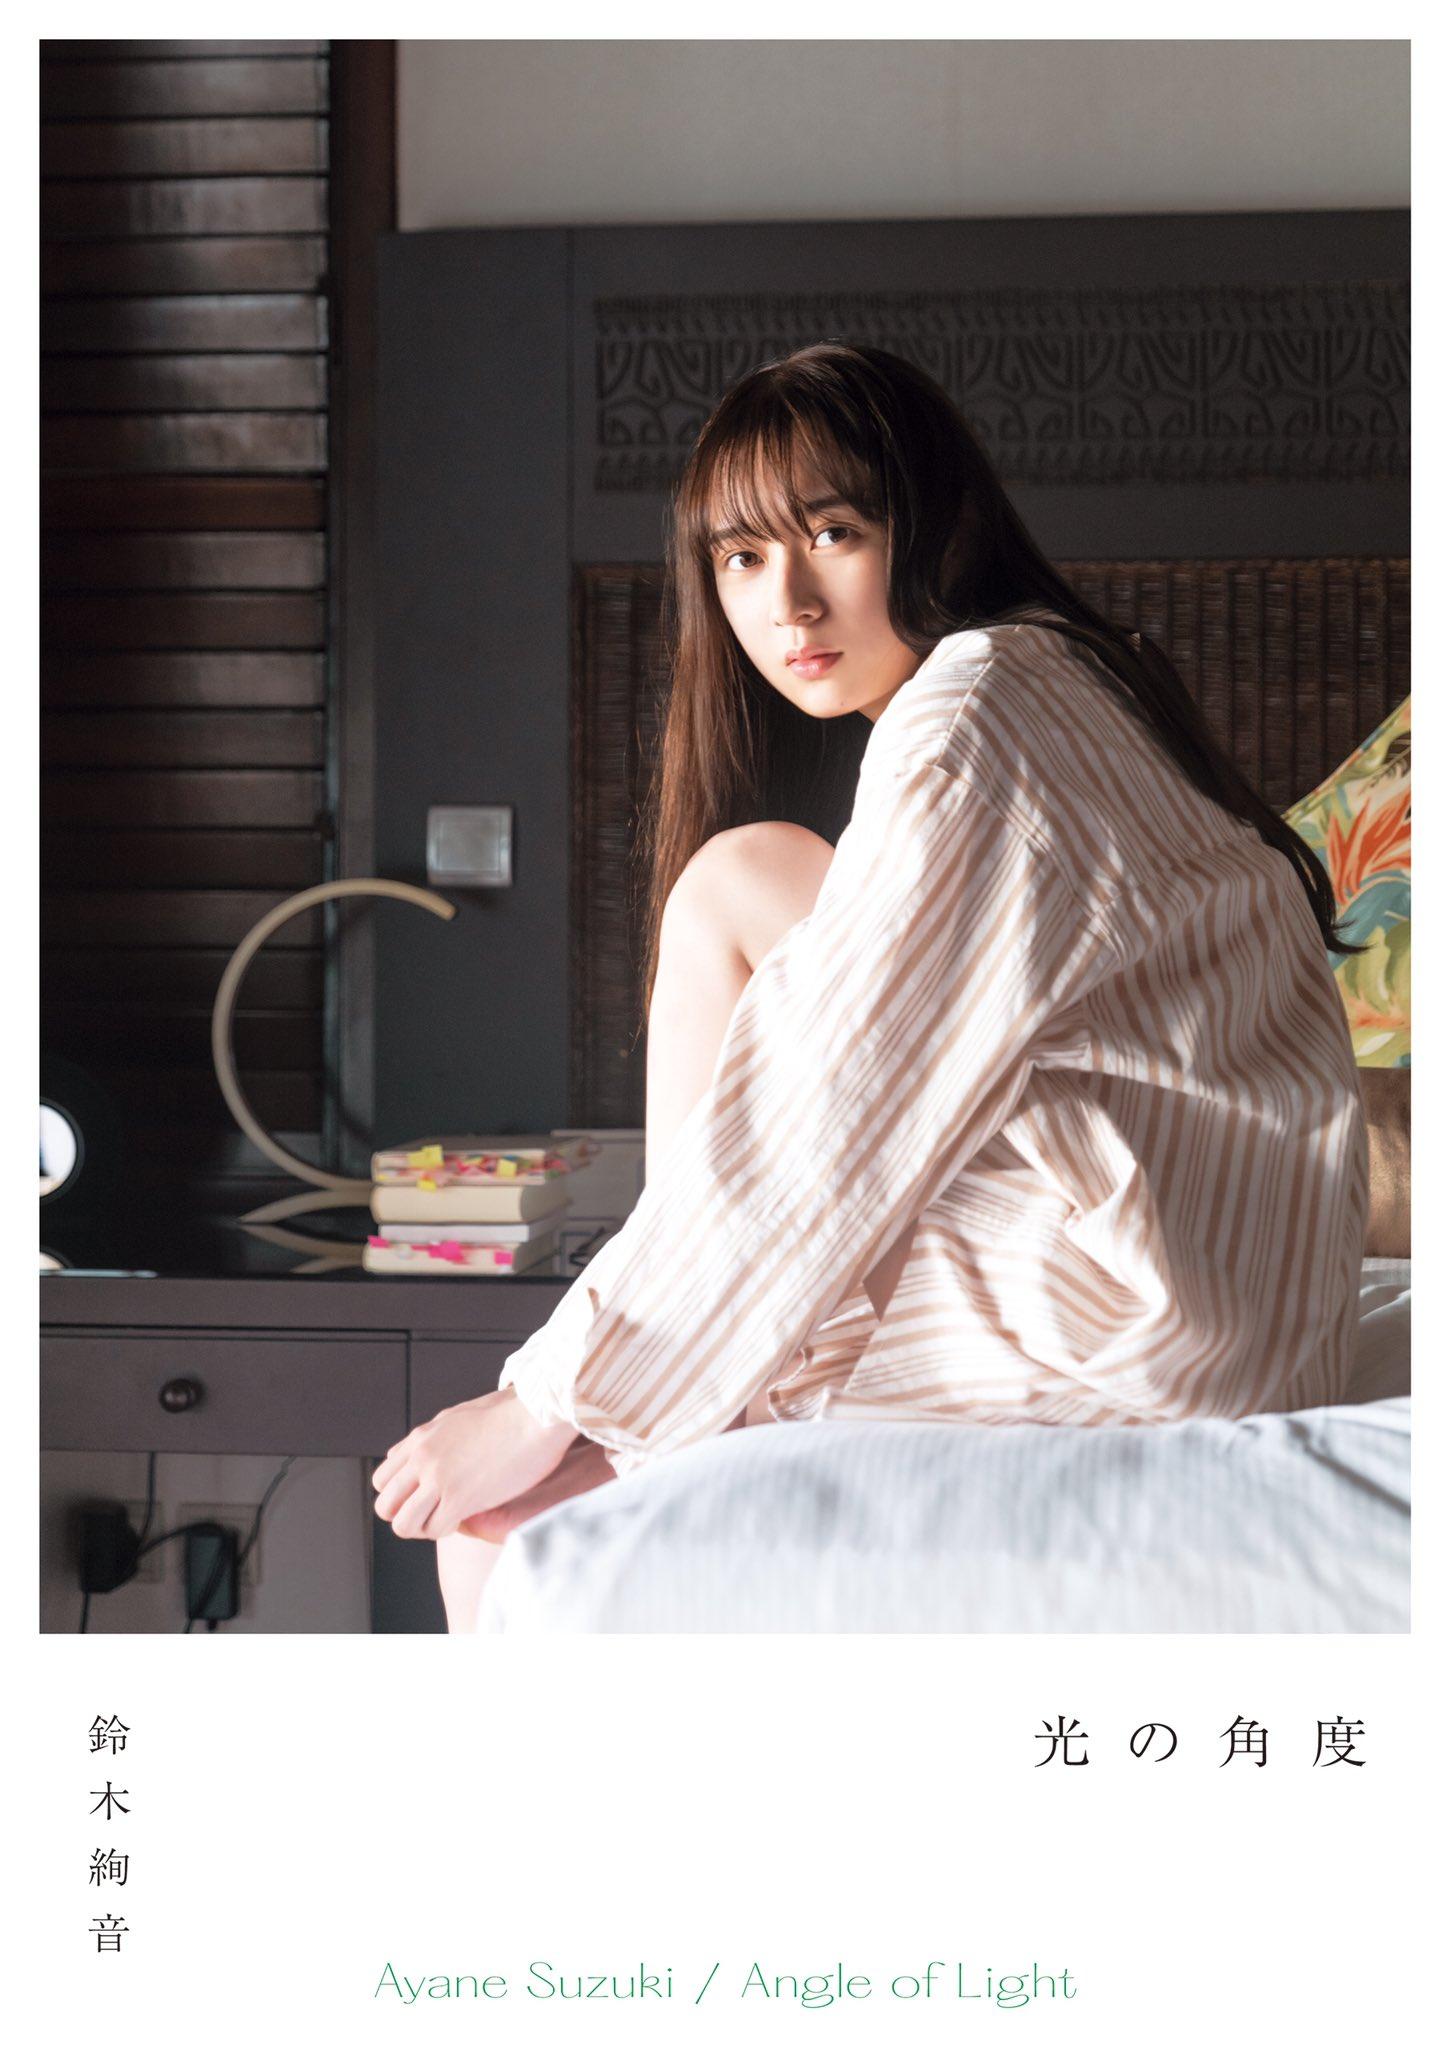 鈴木絢音1st写真集『光の角度』楽天ブックス限定版表紙